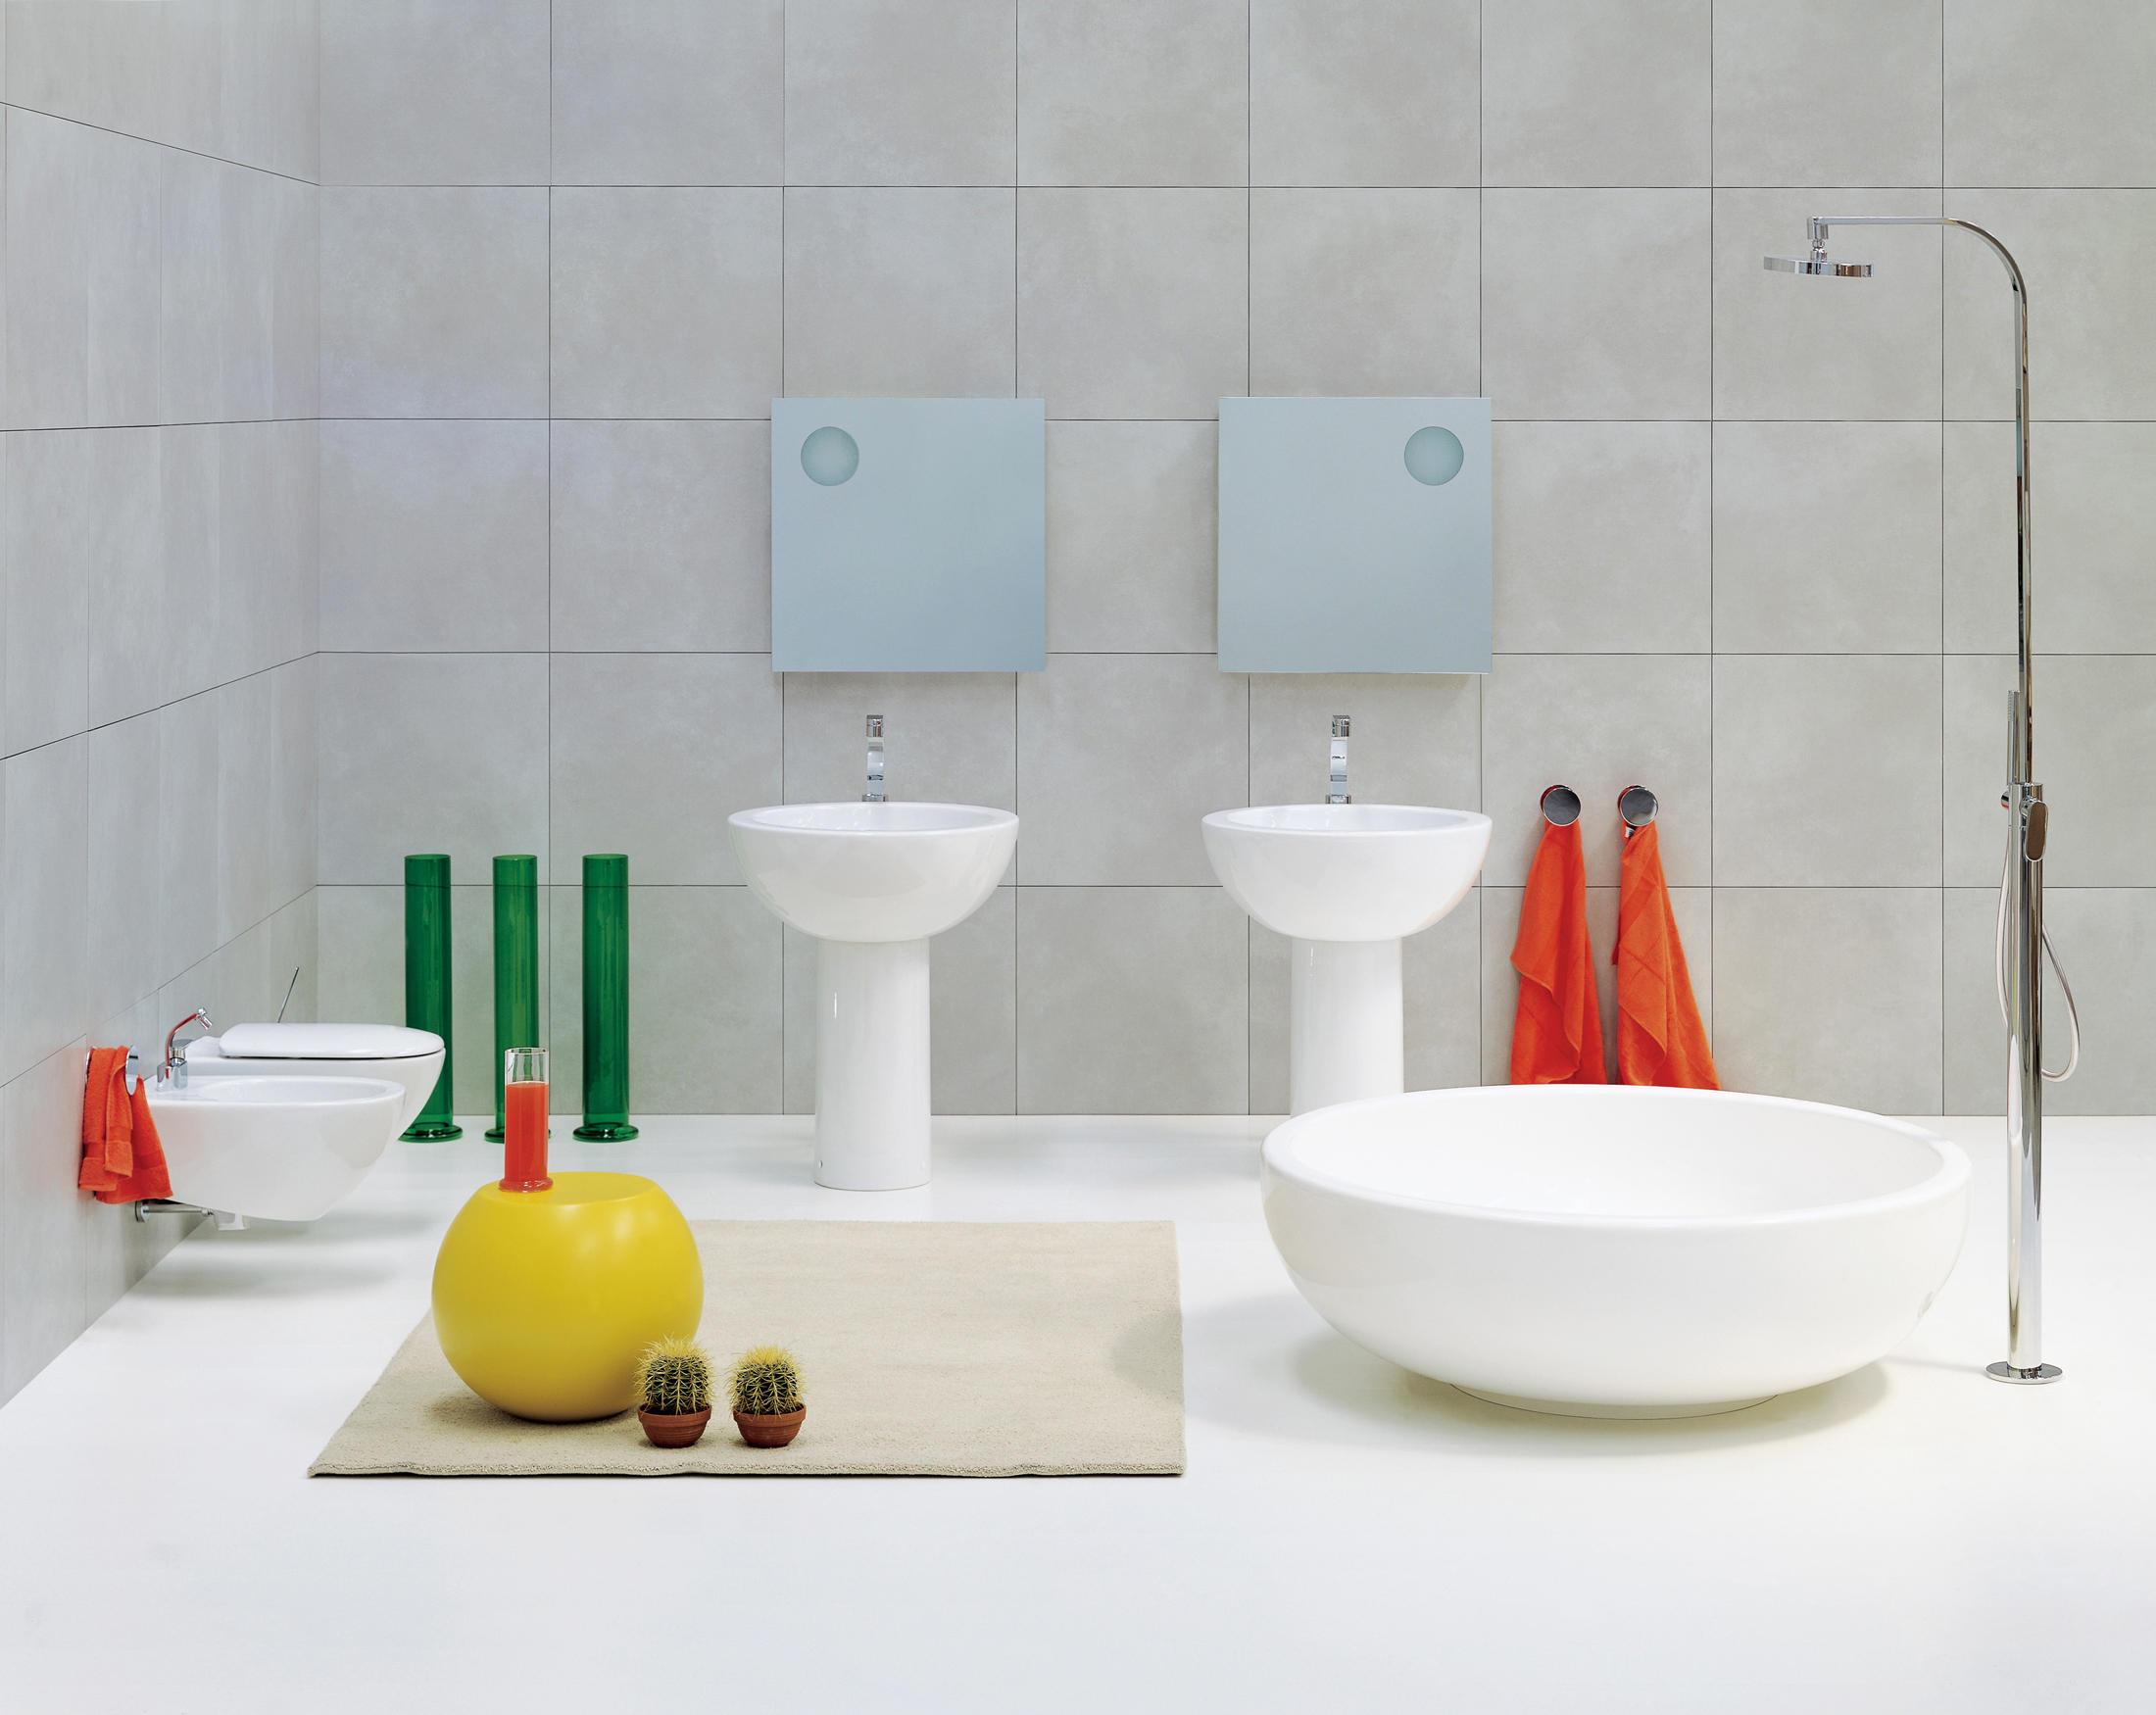 Vasca Da Bagno Flaminia Prezzi : Flaminia nuda lavabo piano rubinetteria bianco appoggio